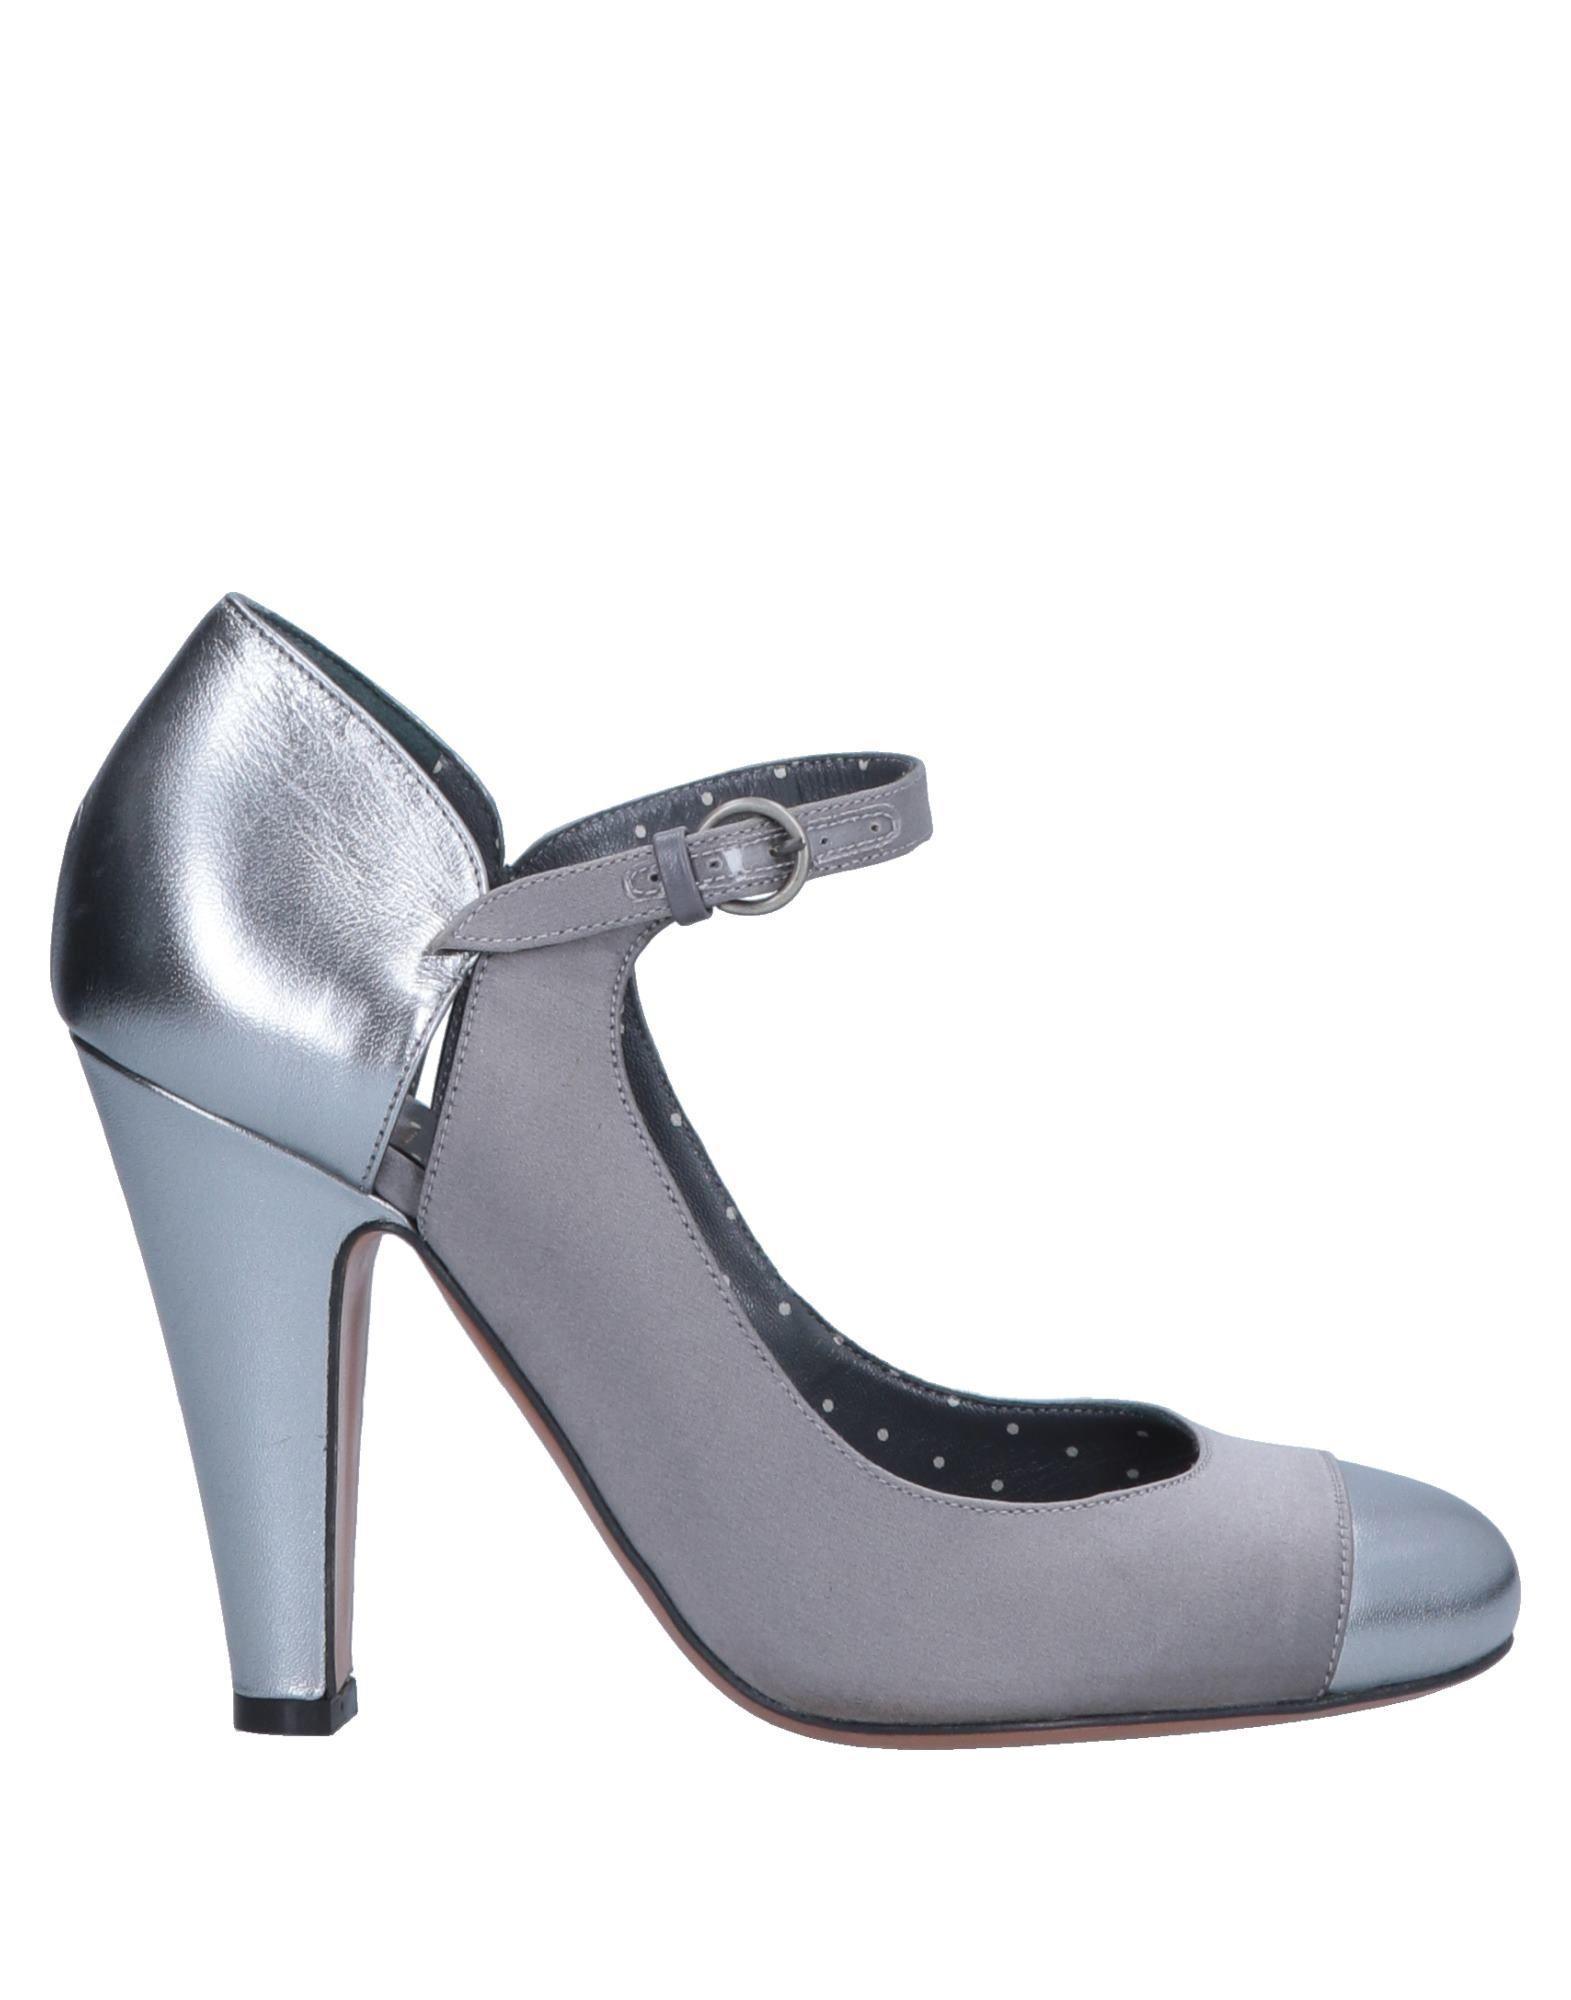 Lyst - Zapatos de salón Boutique Moschino de color Metálico 3f932864d4a6